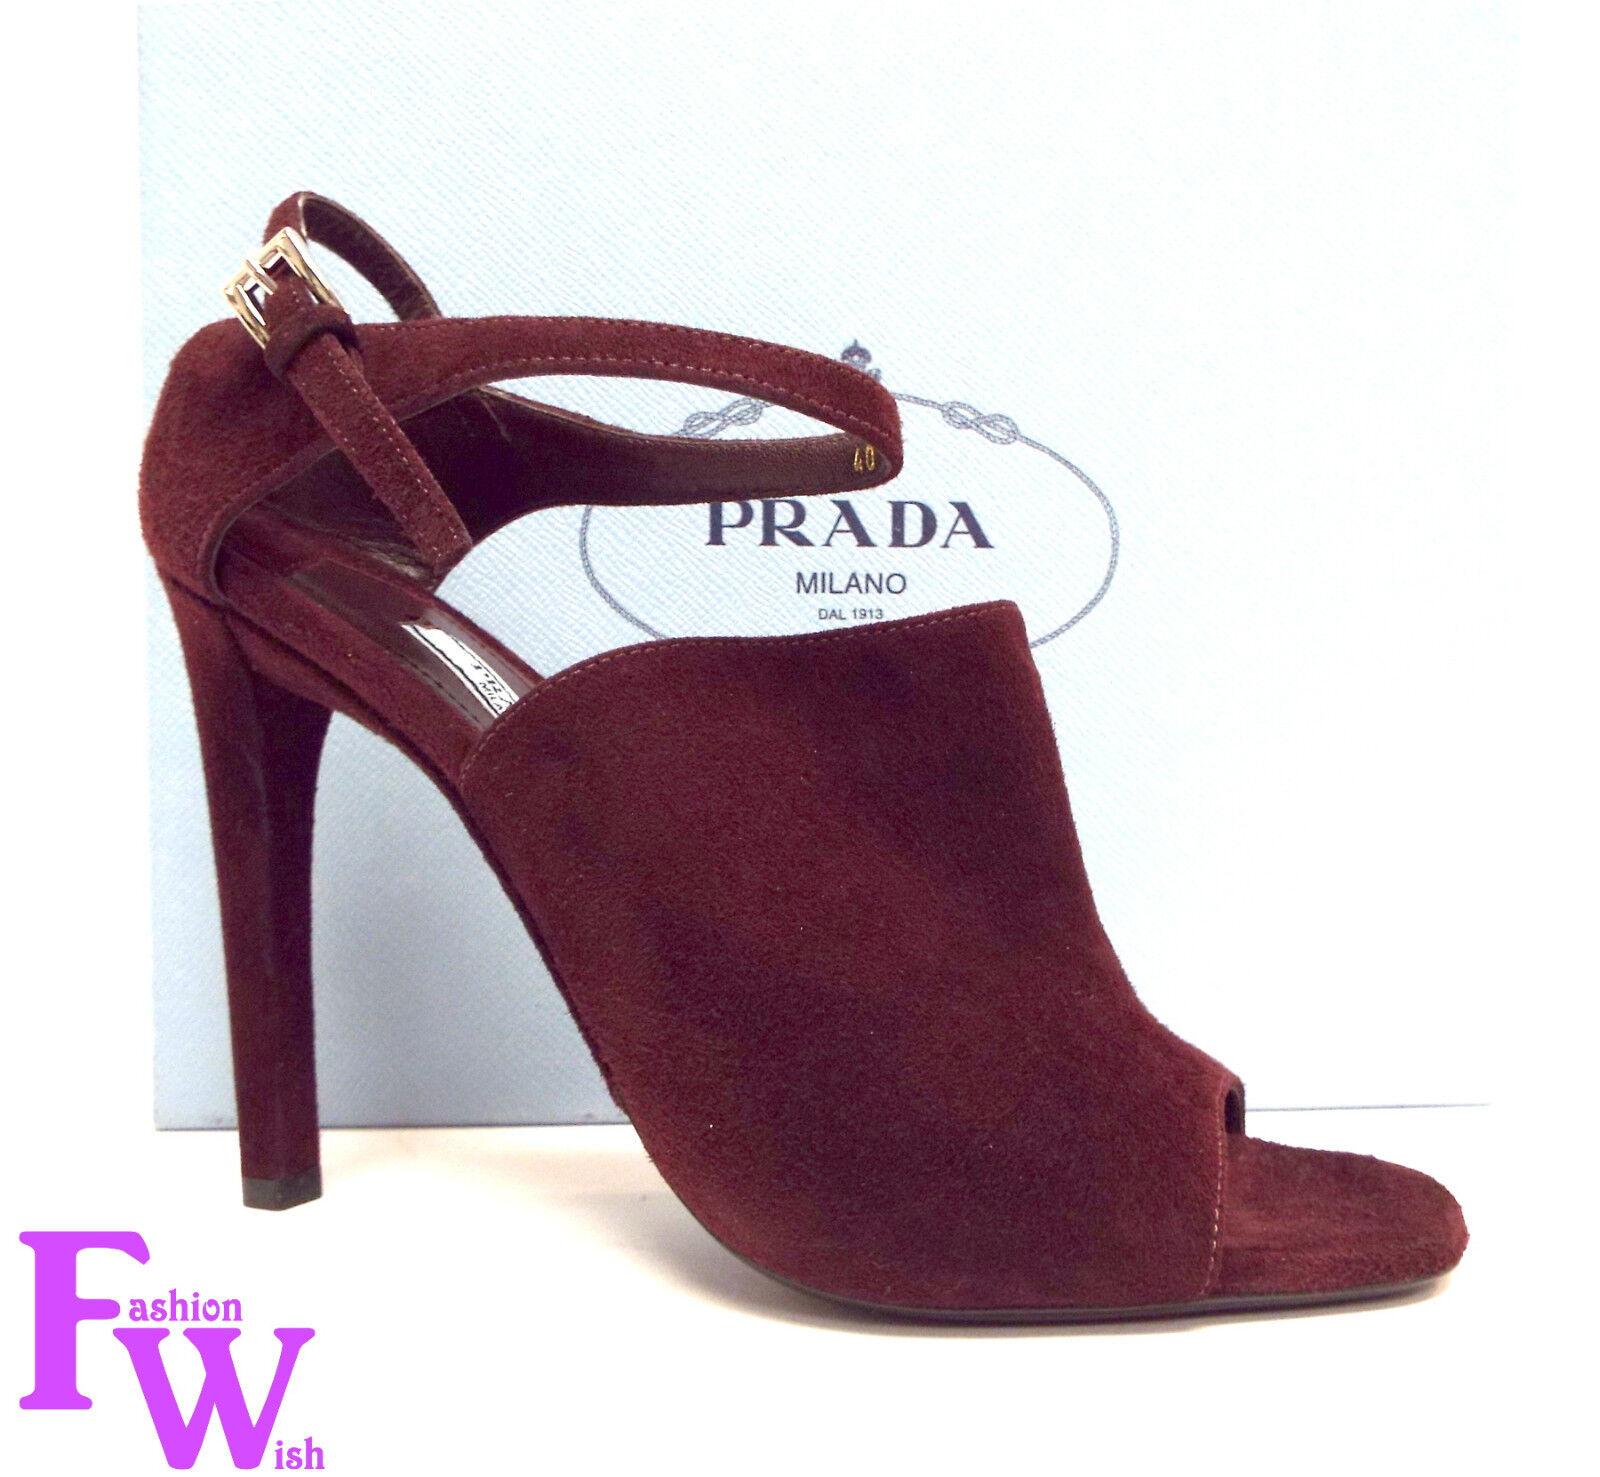 Nuevo Prada Talla 9 Burdeos Gamuza Puntera Abierta y y y Correa en el Tobillo tacones sandalias Zapatos 40  ventas en linea